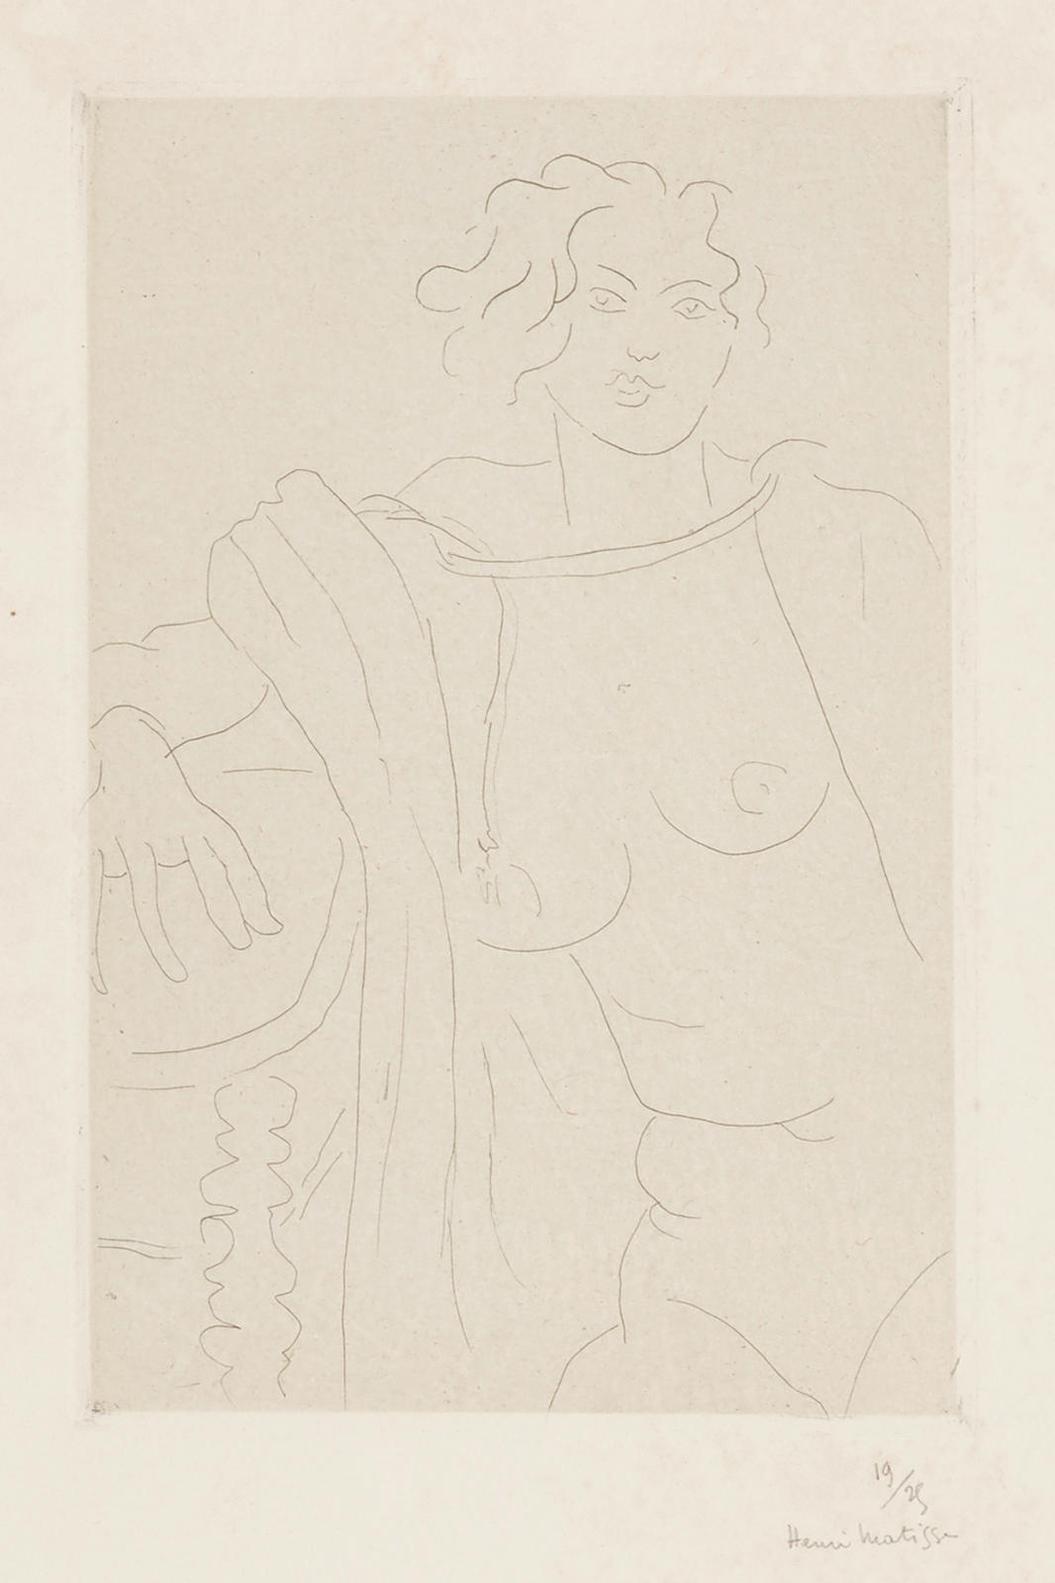 Henri Matisse-Figure Assise, Le Bras Droit Appuye Sur Une Table (D. 215)-1929